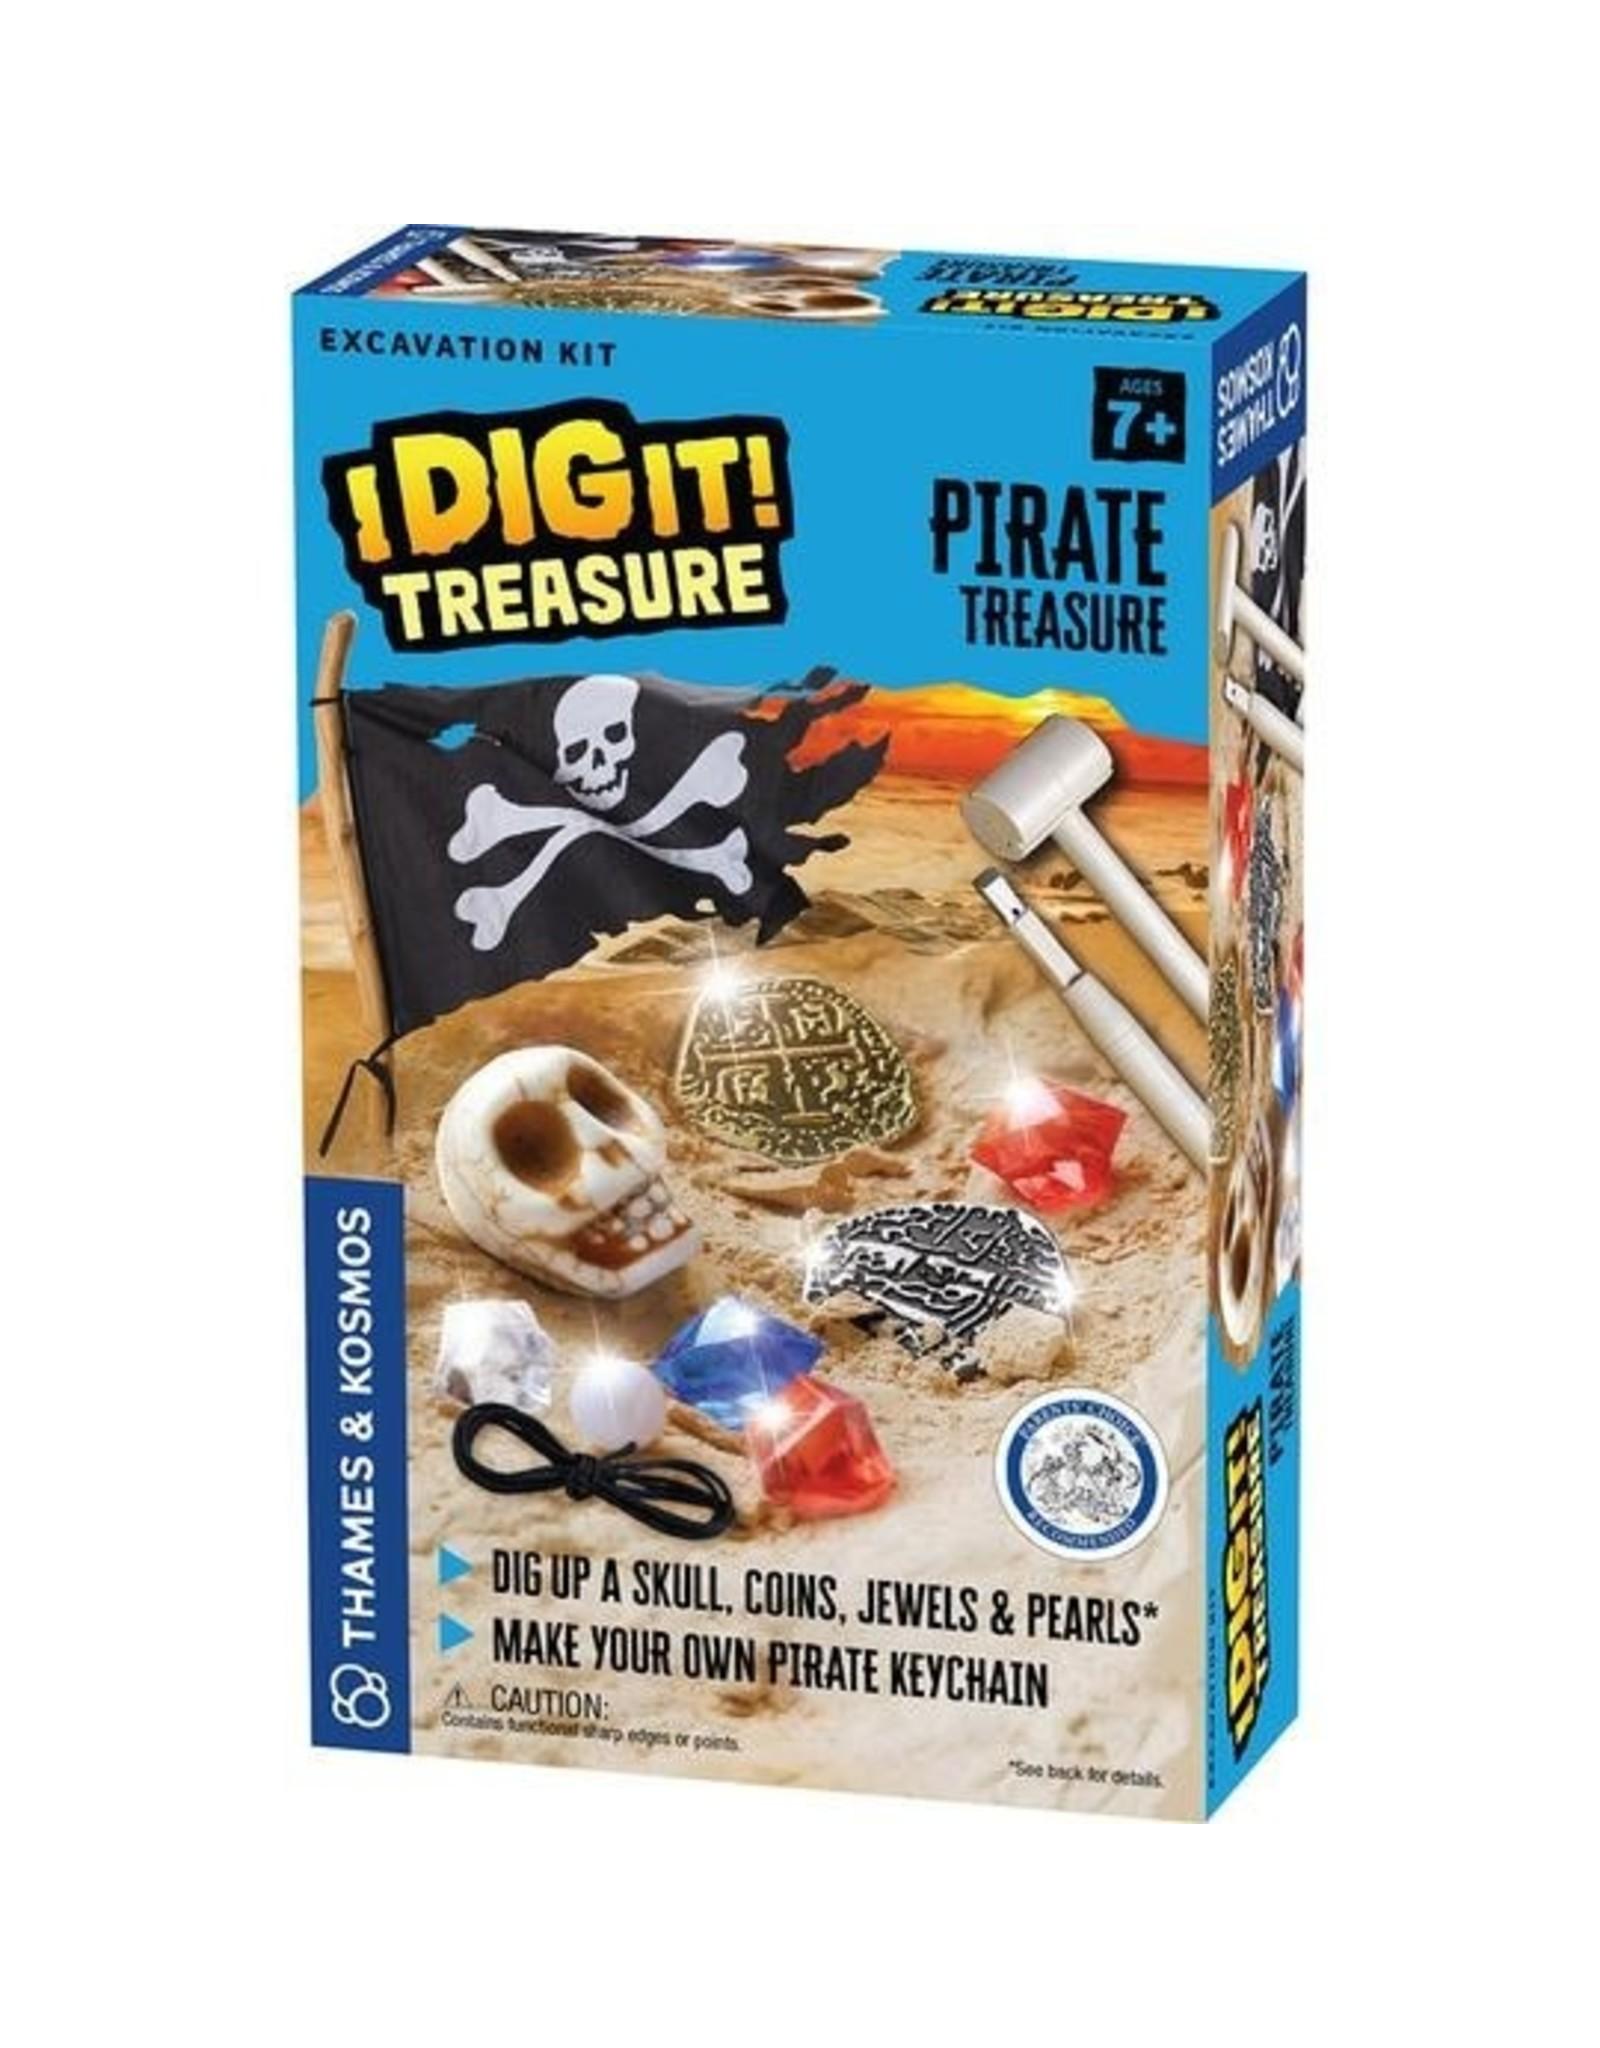 Thames and Kosmos I Dig It! Treasure - Pirate Treasure